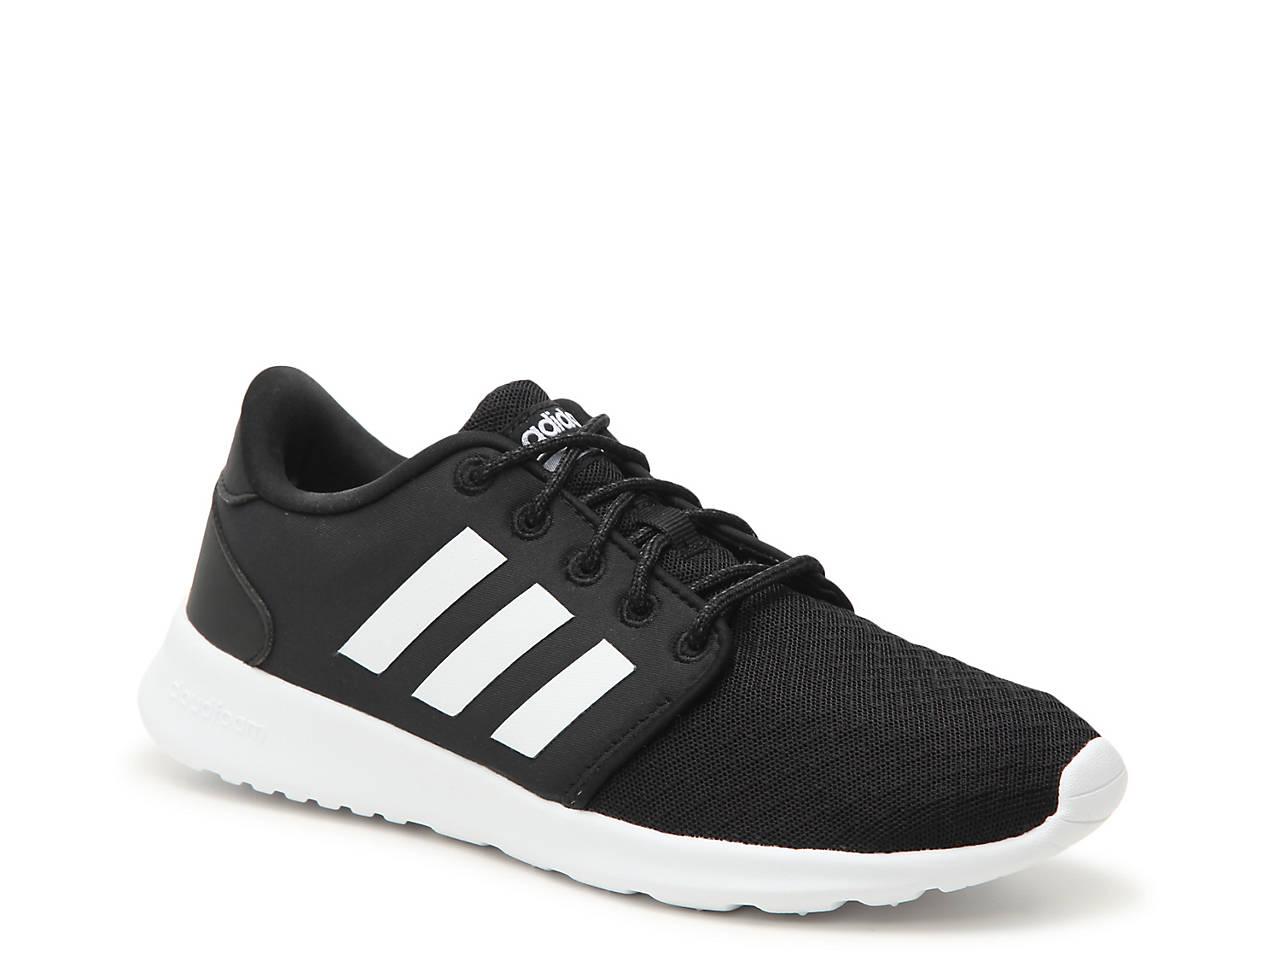 adidas QT Racer Sneaker Women's Women's Shoes | DSW